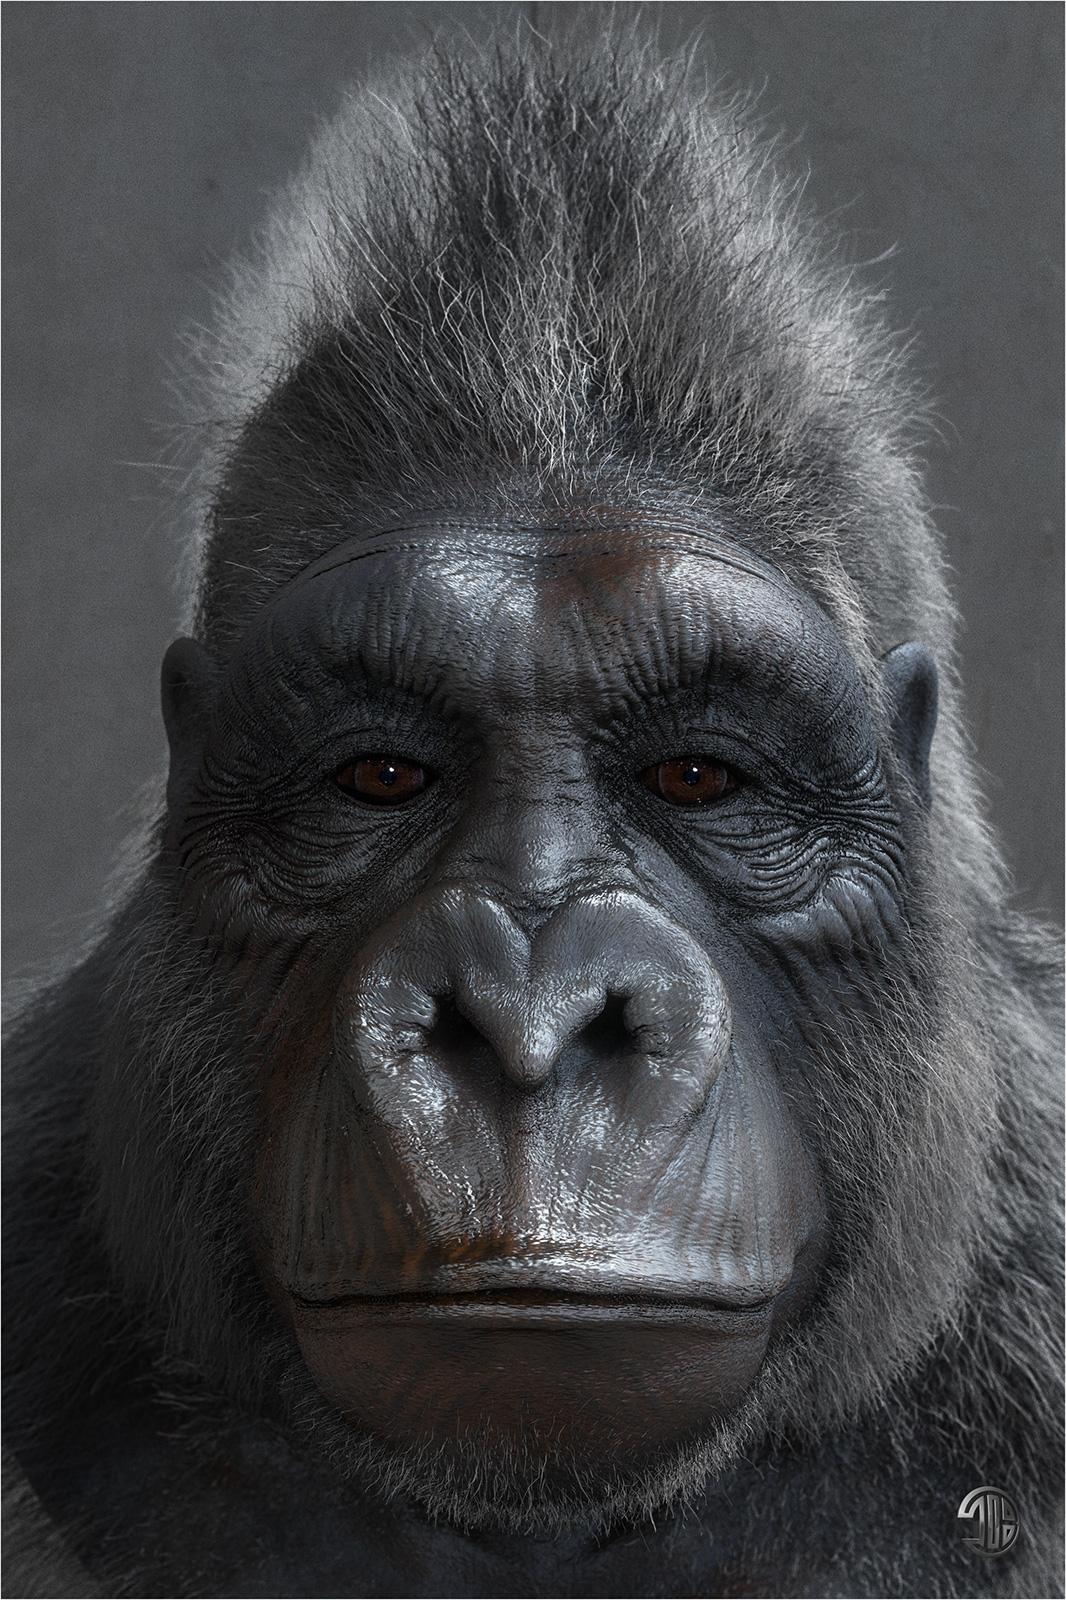 Titiber13 gorilla by titi 02 w 1 0abbb8b7 j30t